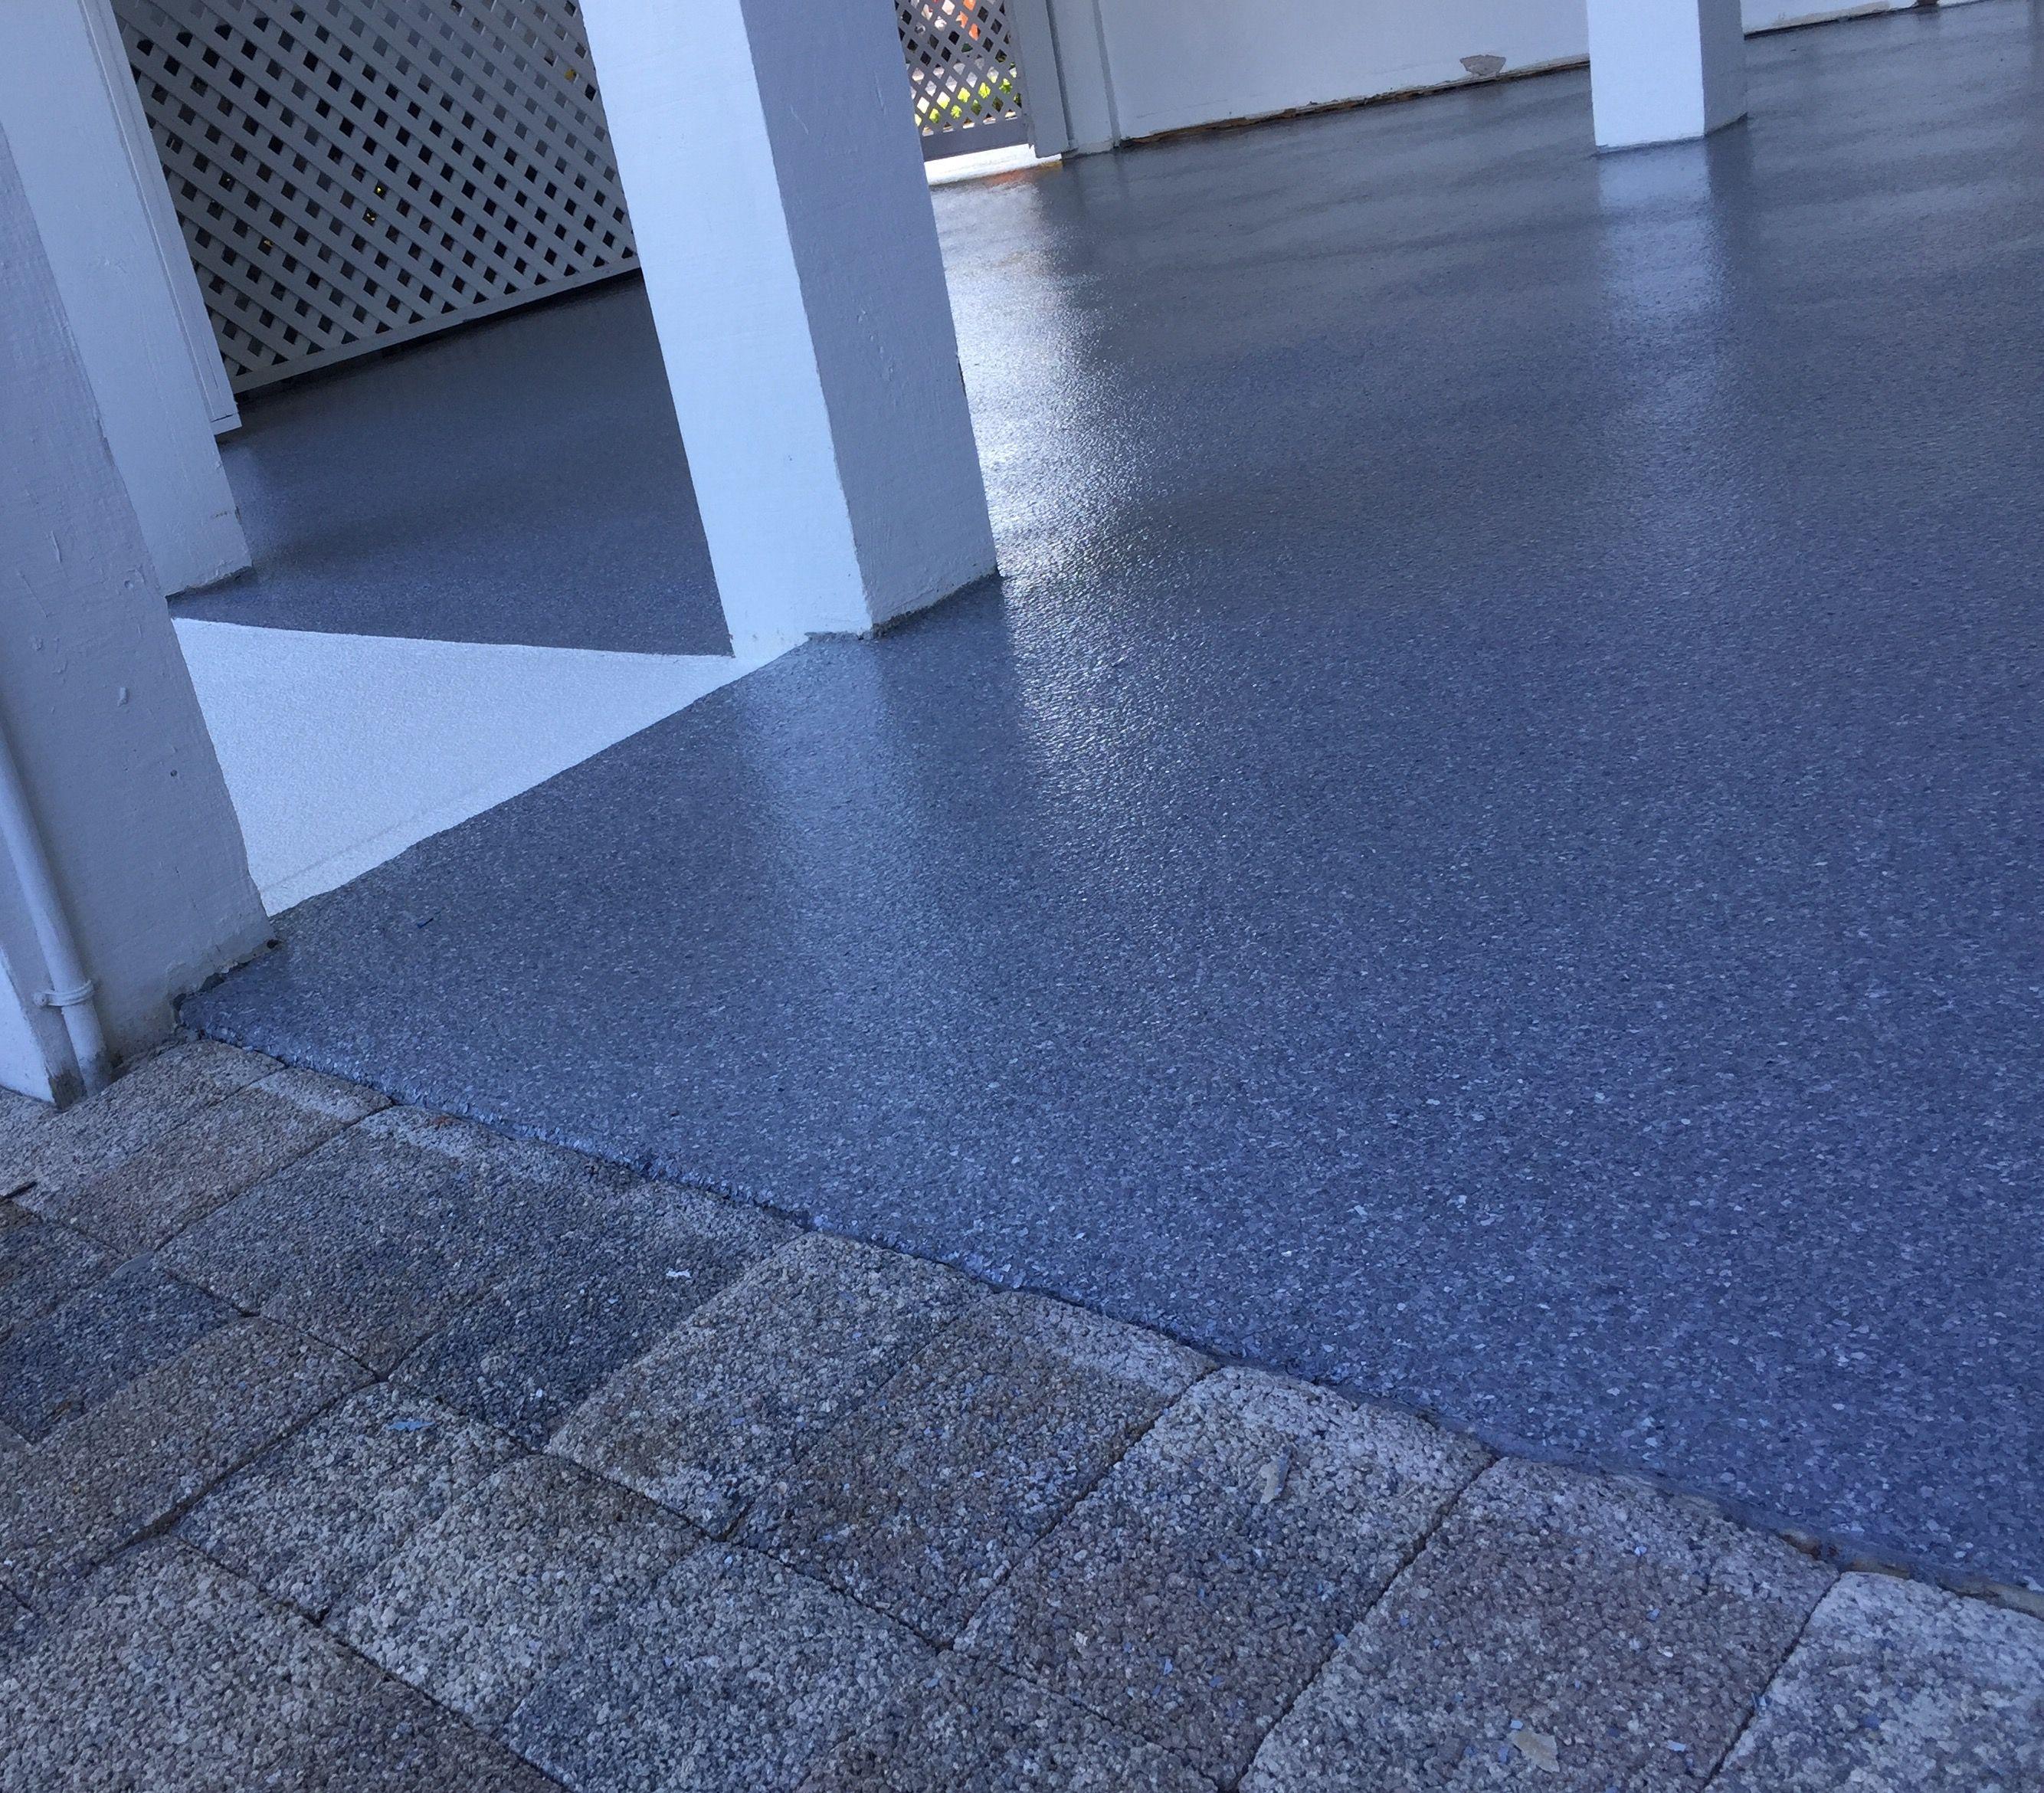 Epoxy Floor Gray Stone Textured Flake Ground Floor Lanai On A Stilt Home On Sanibel Island In Florida Epoxy Floor House On Stilts Stone Texture